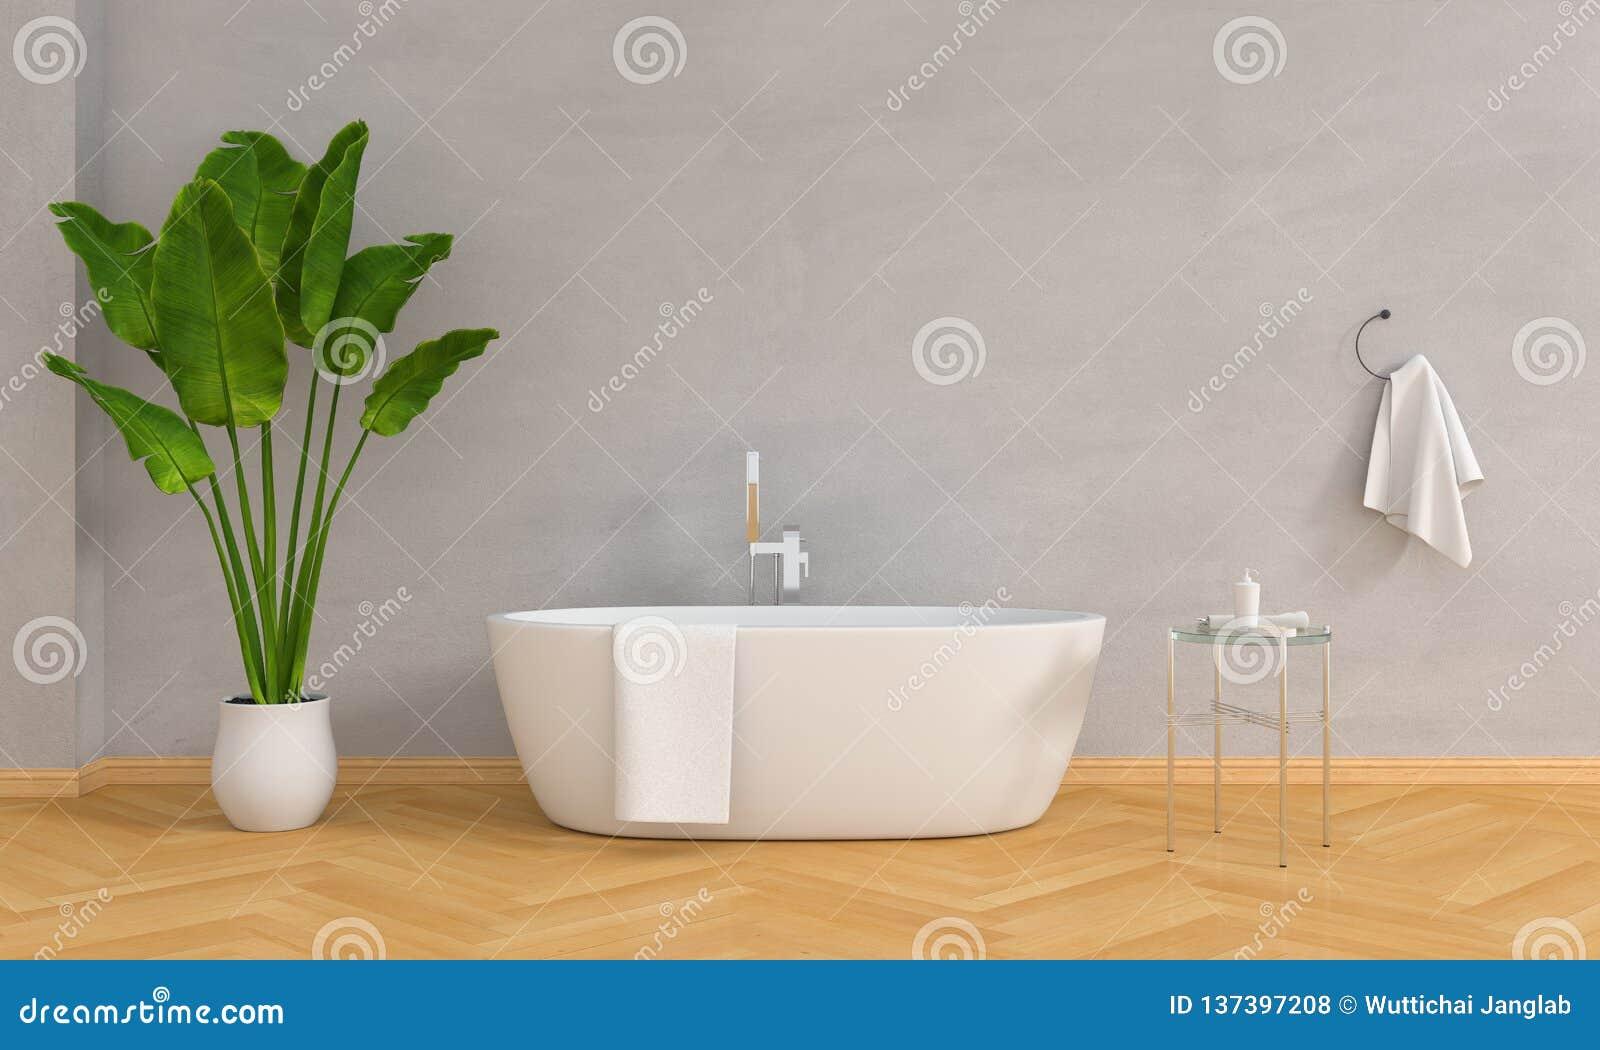 Badezimmerinnenbadewanne und Anlage, Dachbodenart, Wiedergabe 3D